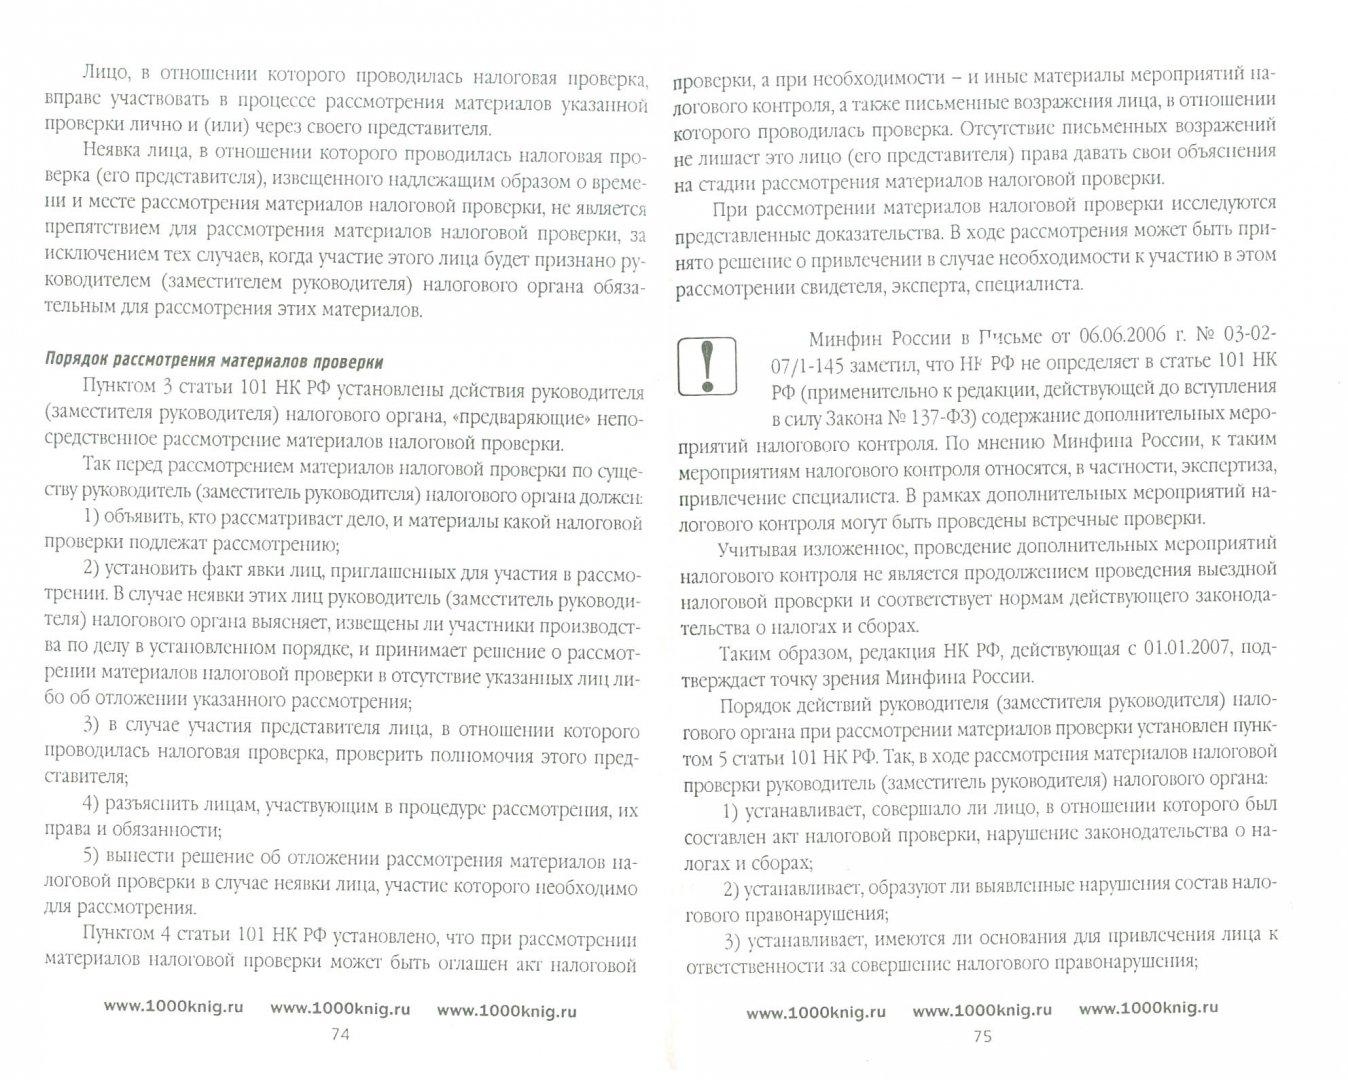 Иллюстрация 1 из 2 для Представление налоговой отчетности - Юрий Лермонтов | Лабиринт - книги. Источник: Лабиринт